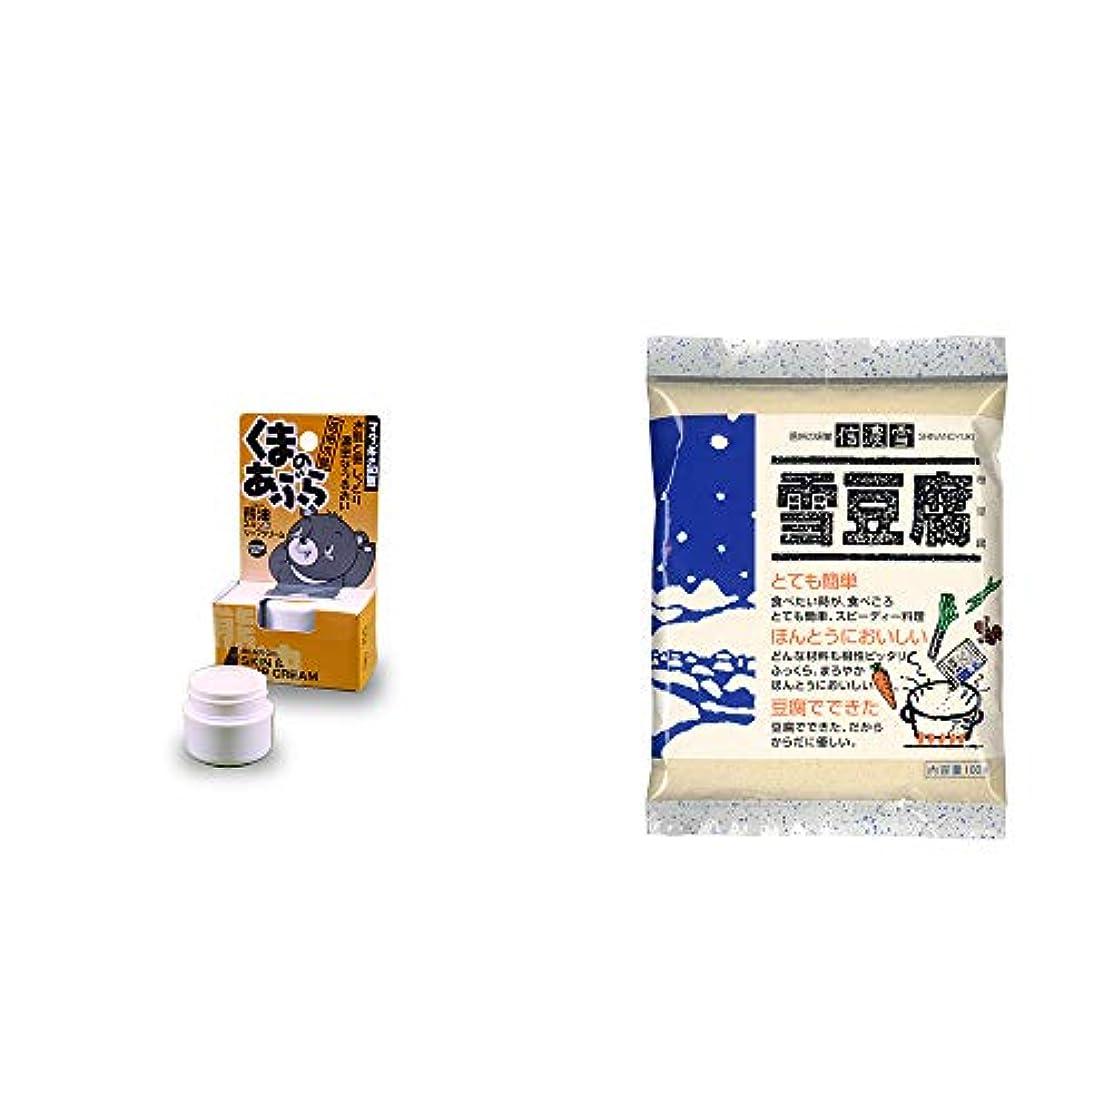 六バスタブ樹皮[2点セット] 信州木曽 くまのあぶら 熊油スキン&リップクリーム(9g)?信濃雪 雪豆腐(粉豆腐)(100g)